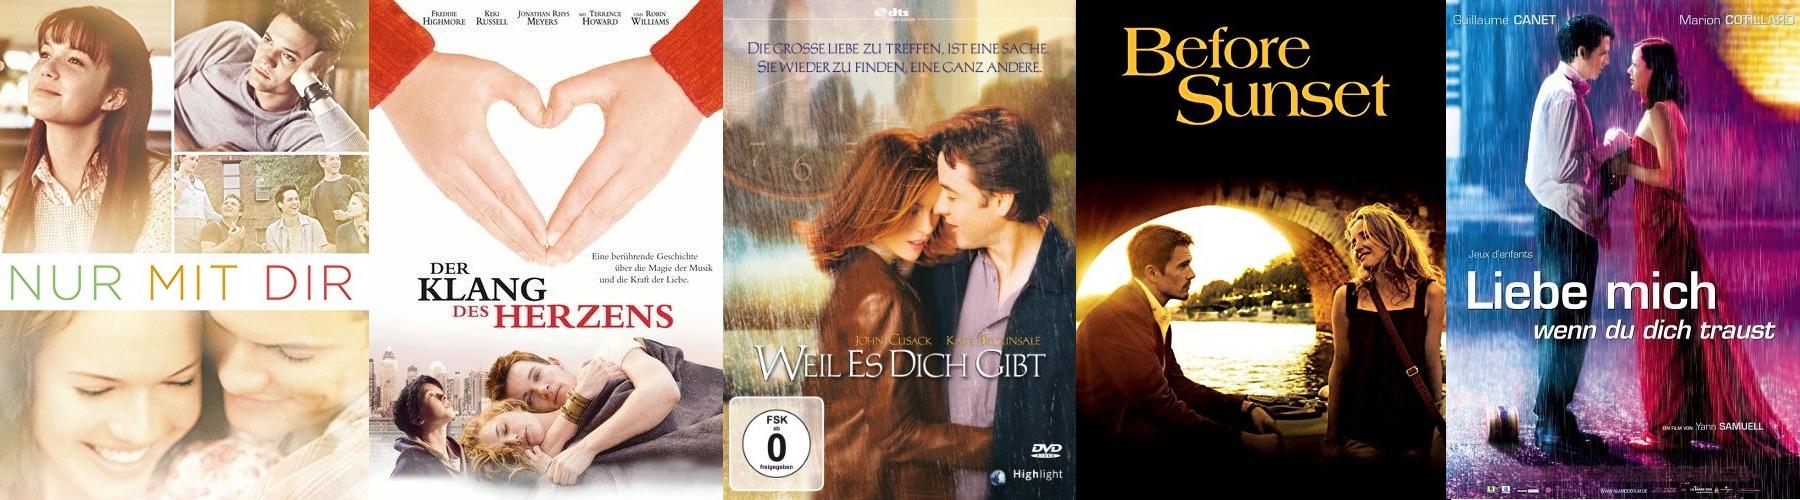 Ultimative Liebesfilme zum Valentinstag